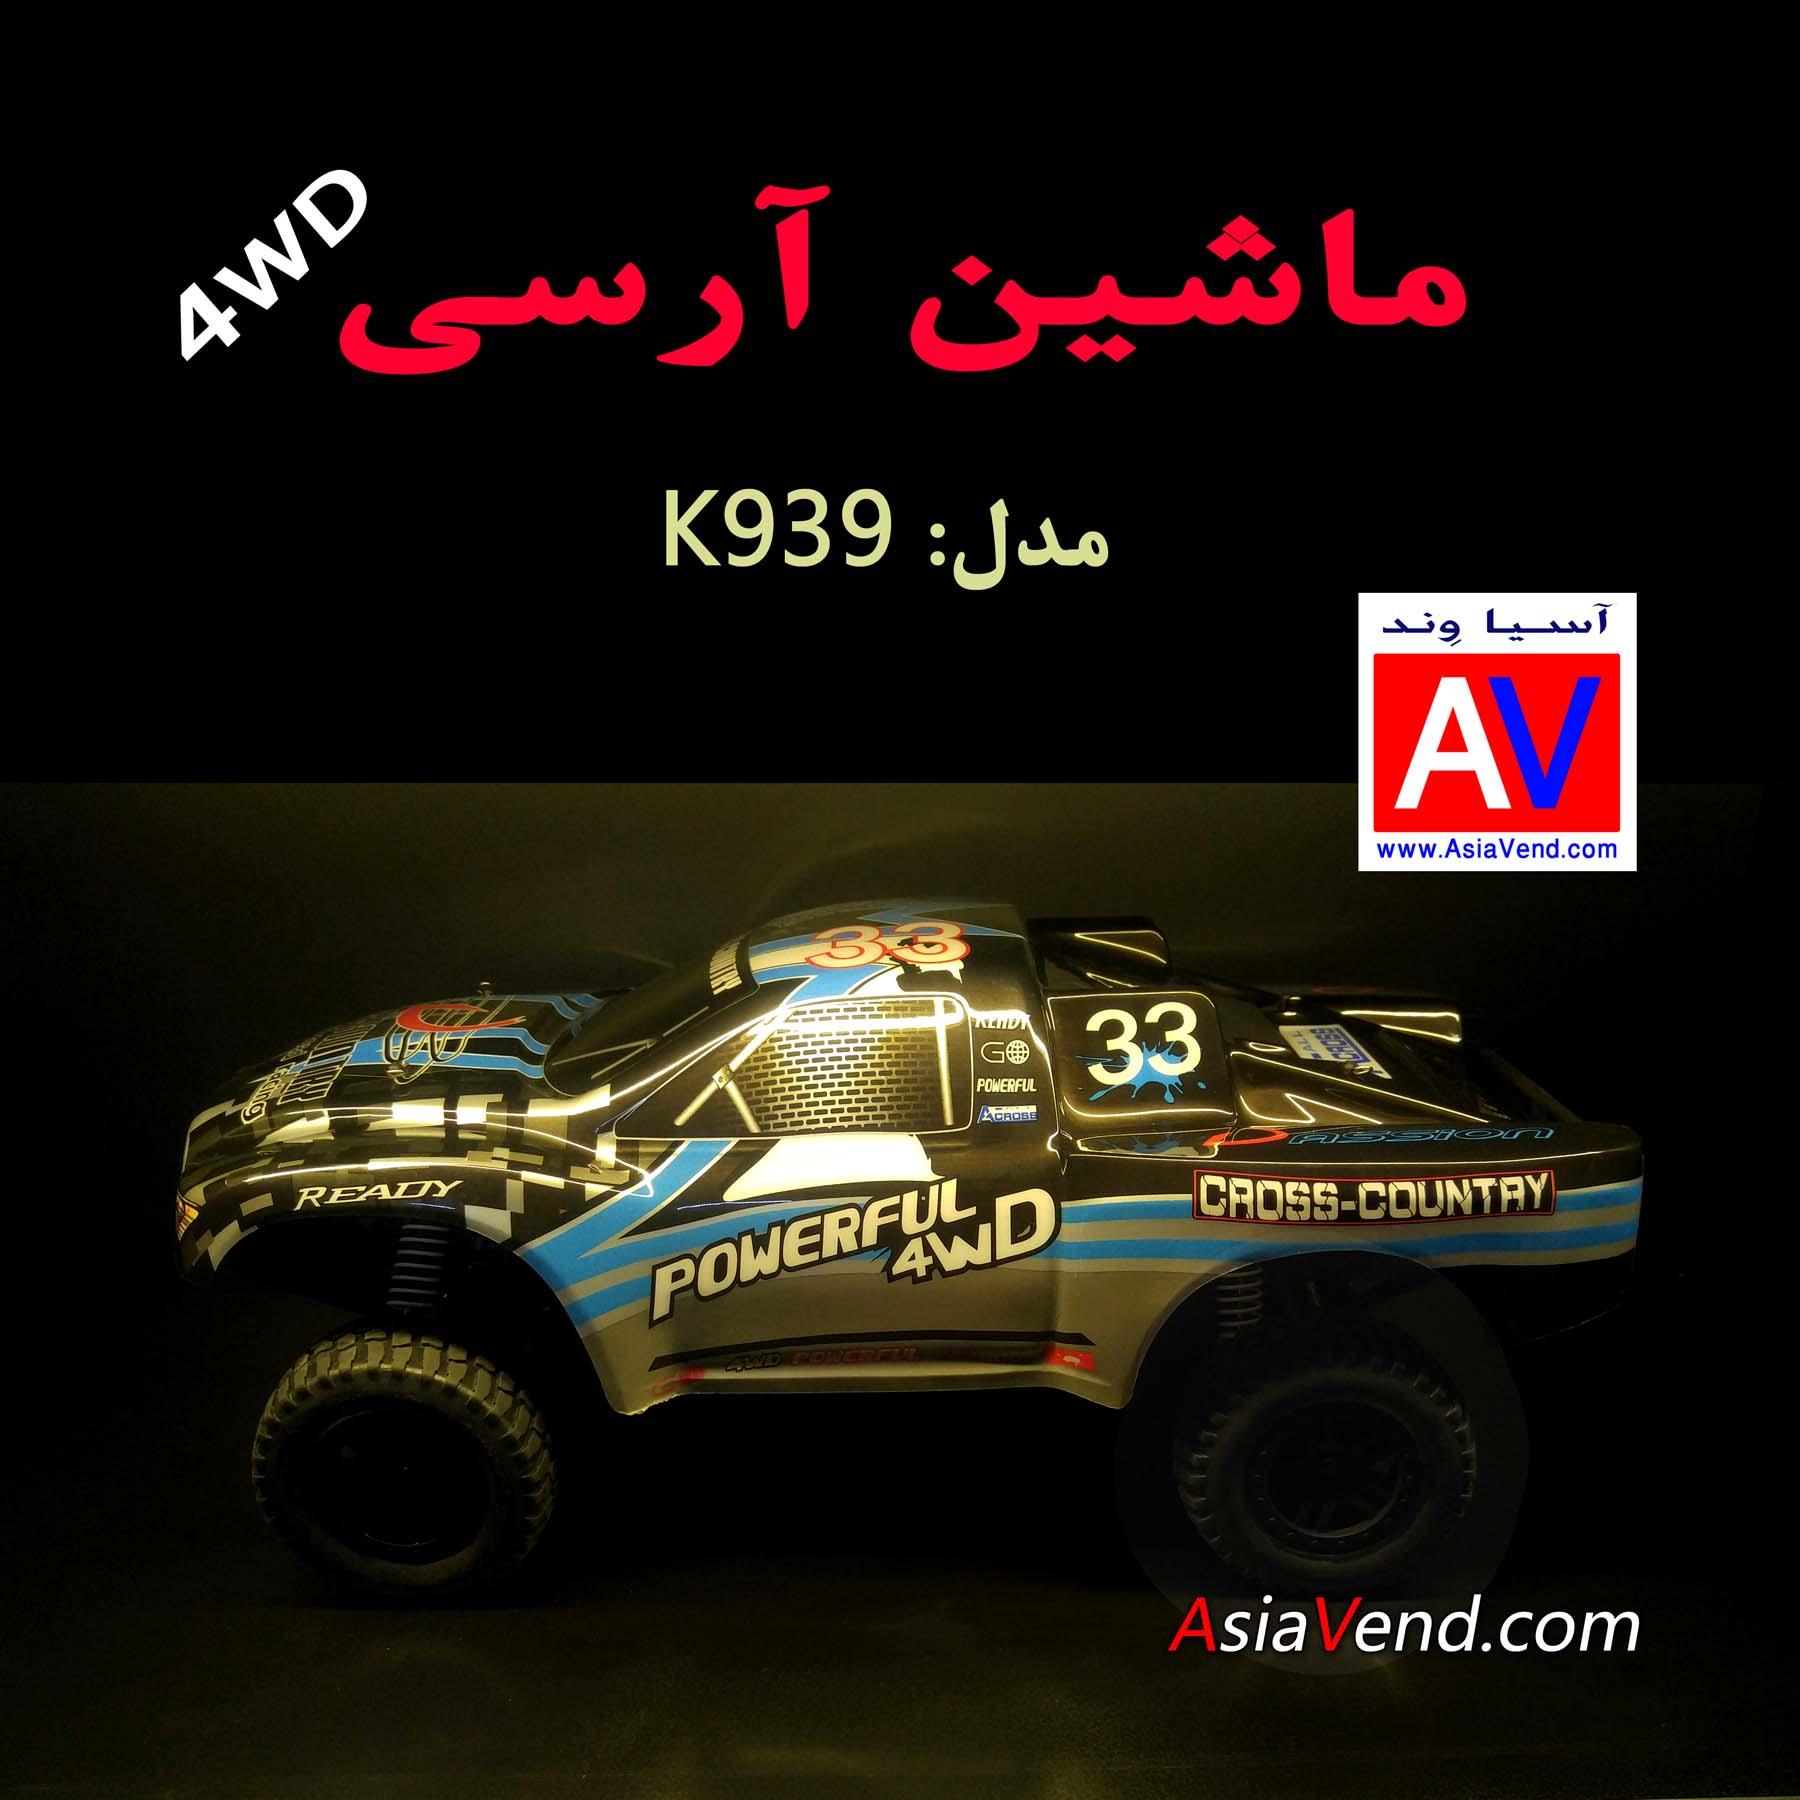 نمایندگی ماشین رادیو کنترلی حرفه ای ارزان ماشین کنترلی آفرود مدل Wltoys K939